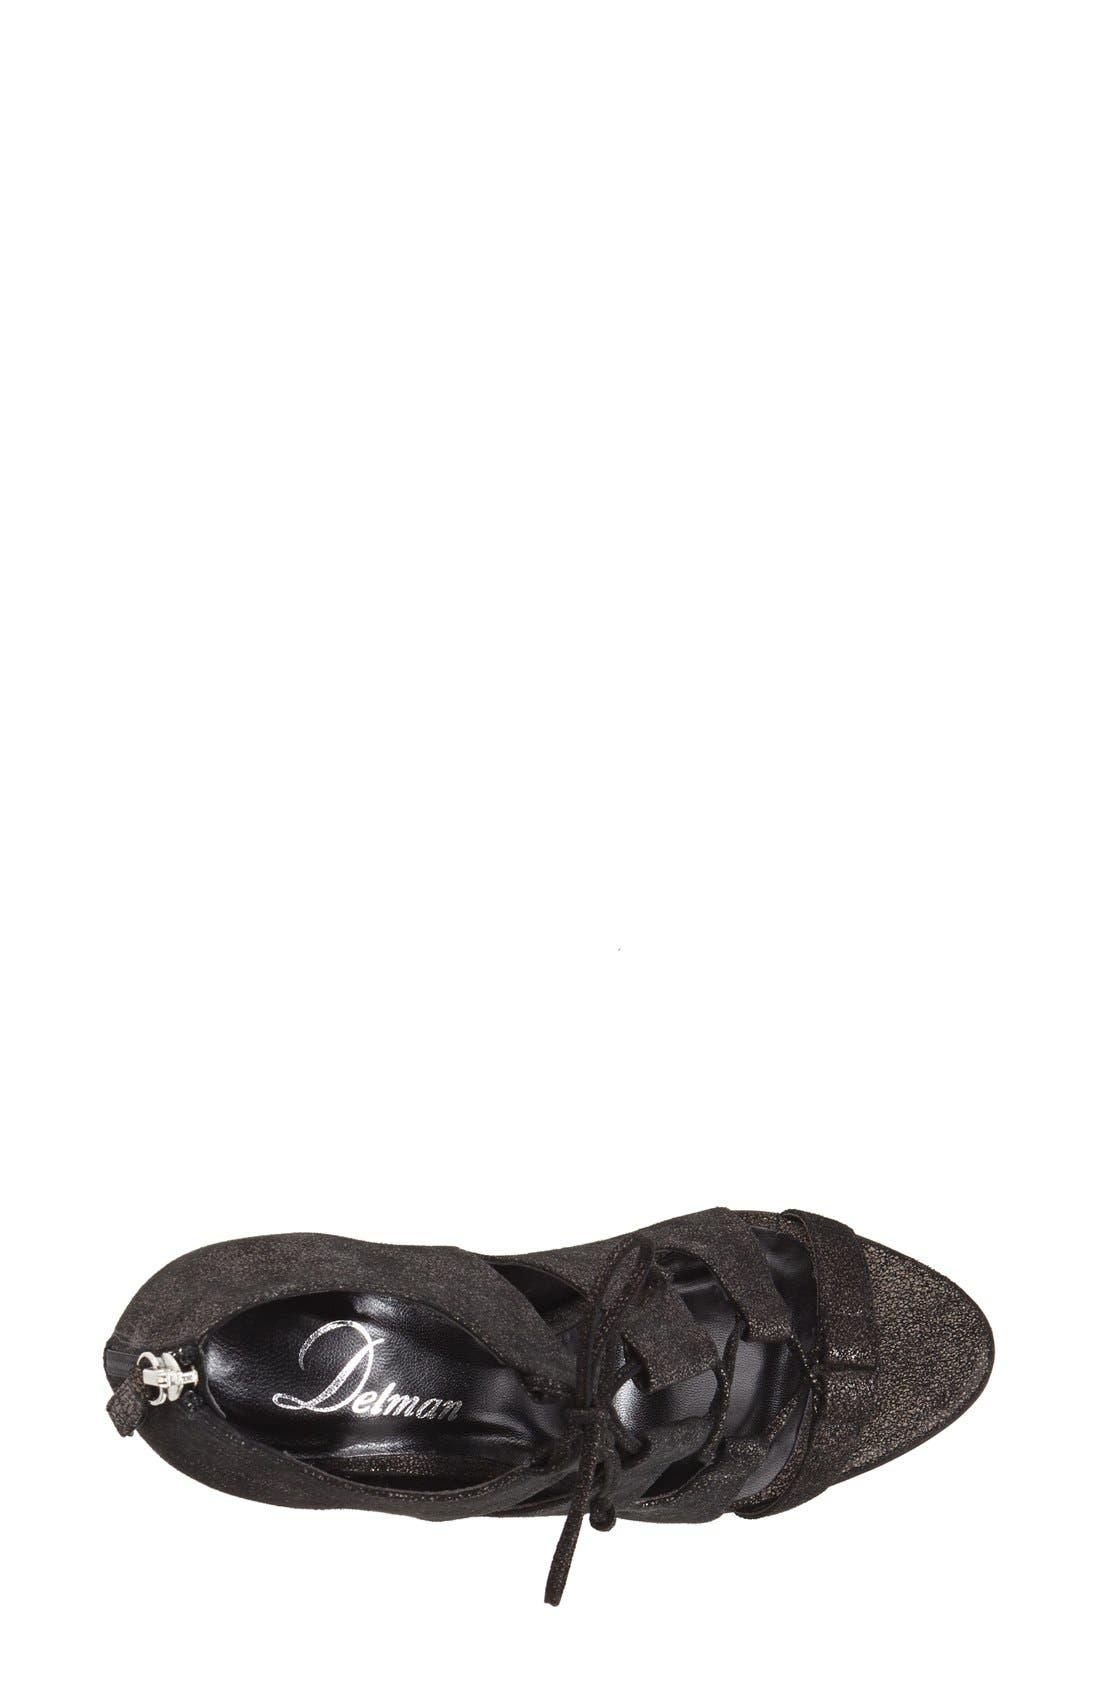 Alternate Image 3  - Delman 'Jolie' Lace-Up Sandal (Women)